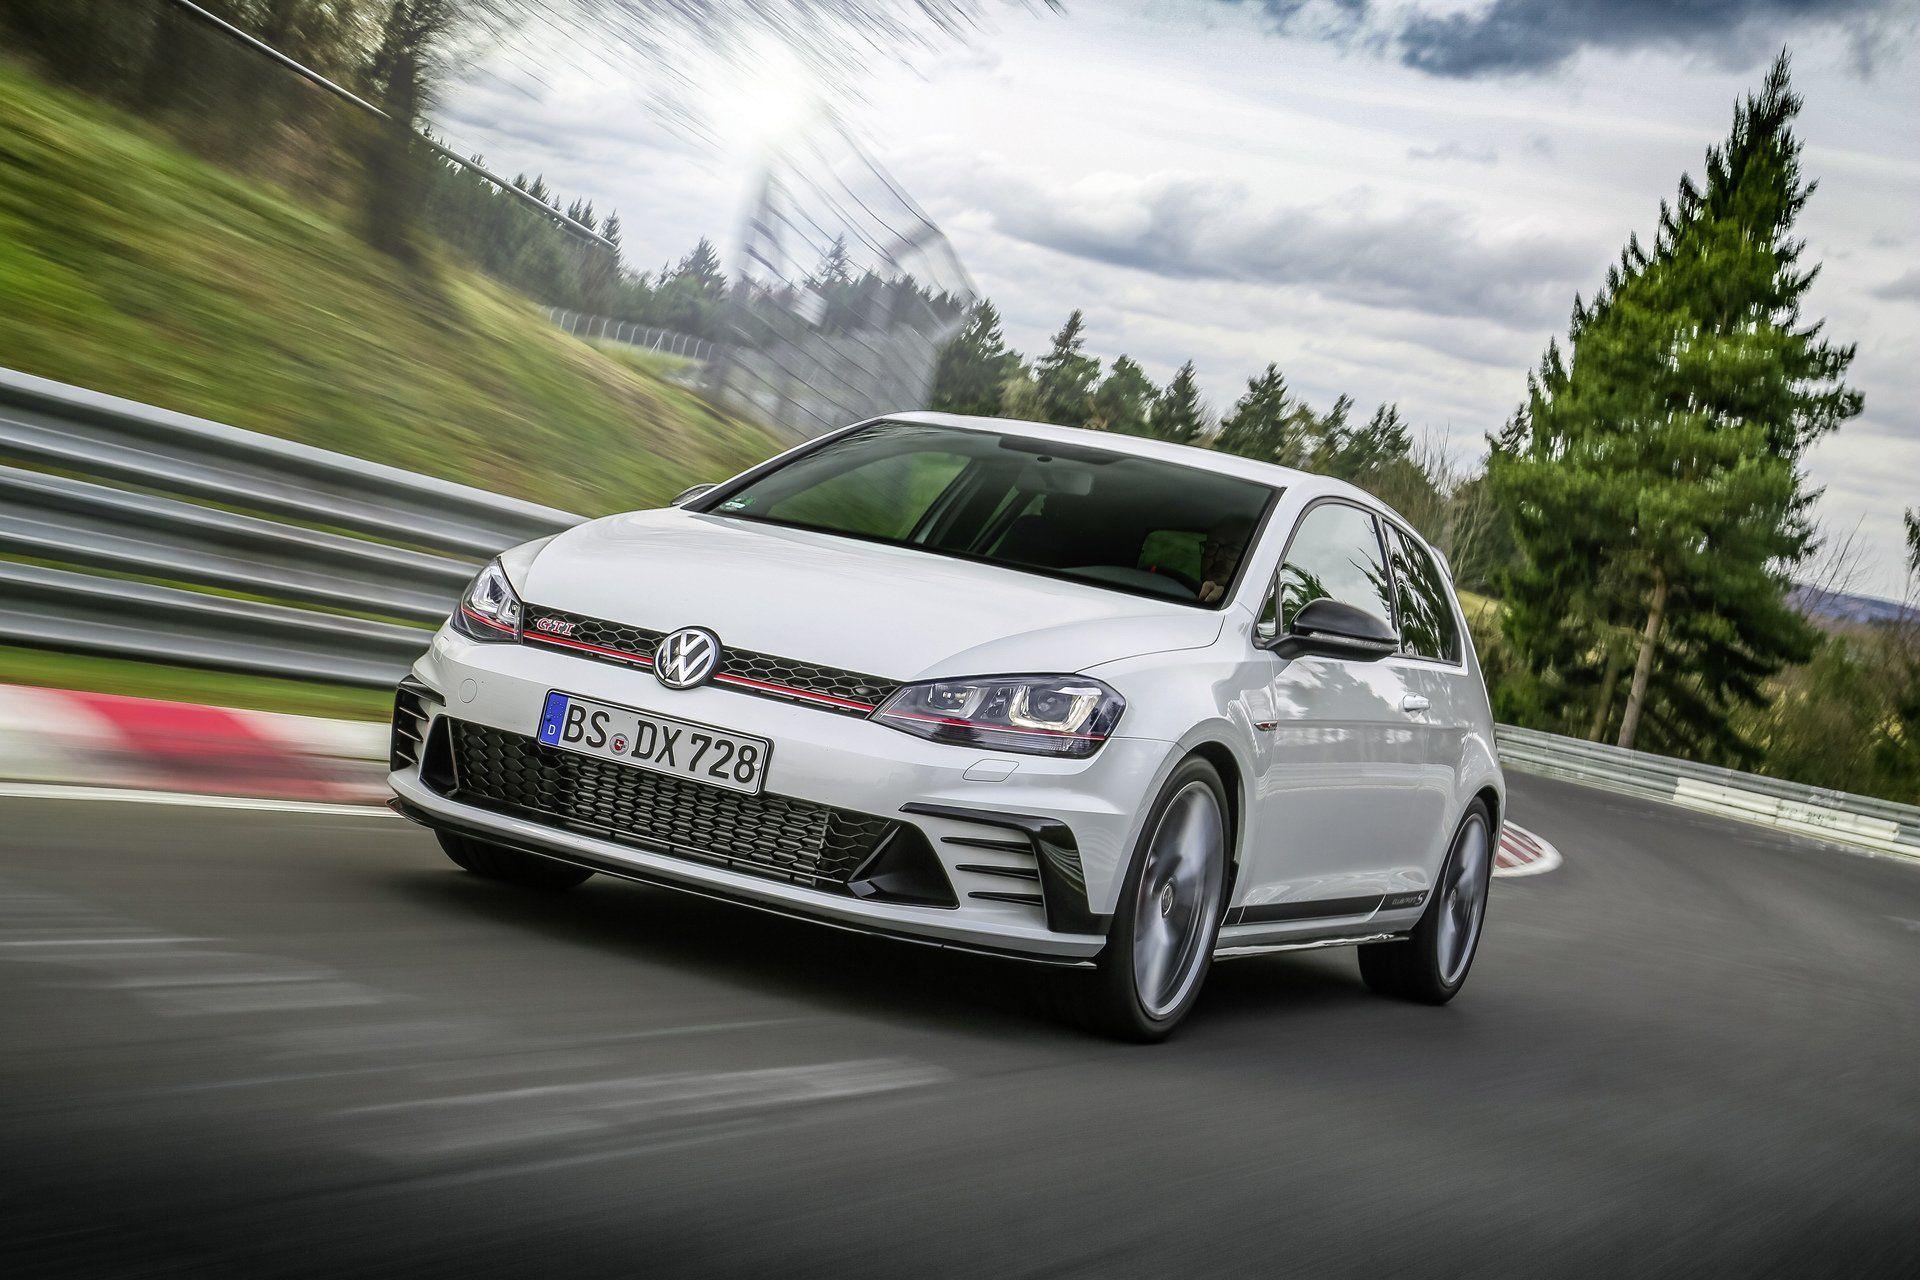 New Volkswagen Golf Gti Clubsport S Breaks Nurburgring Record Golf Gti Volkswagen Golf Gti Volkswagen Golf